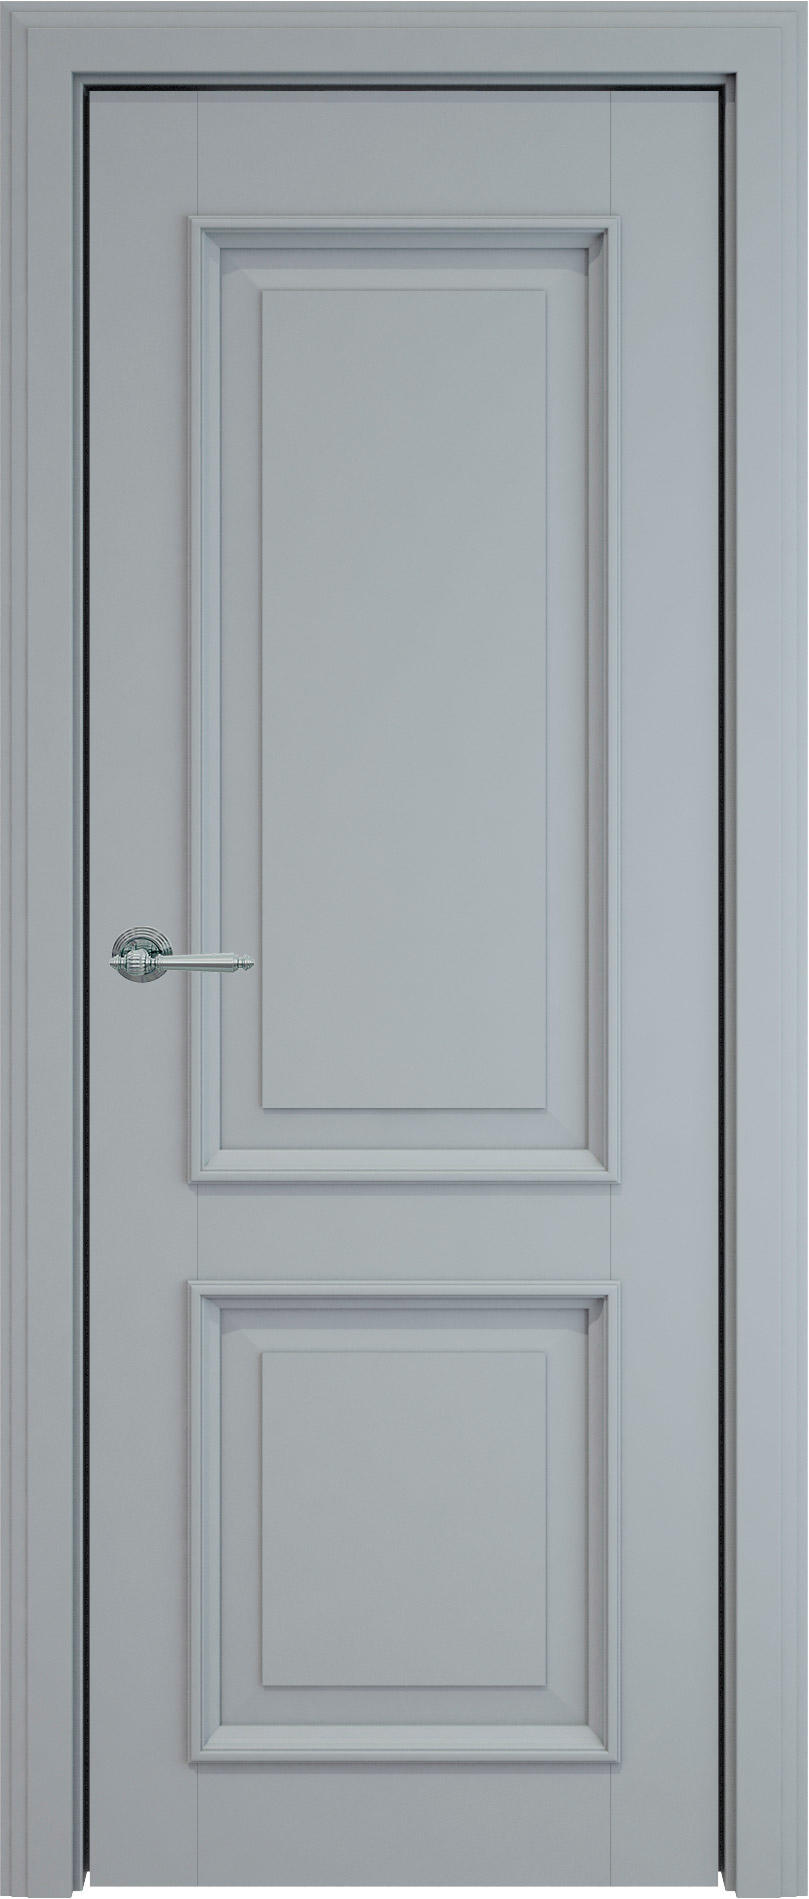 Dinastia LUX цвет - Серебристо-серая эмаль (RAL 7045) Без стекла (ДГ)